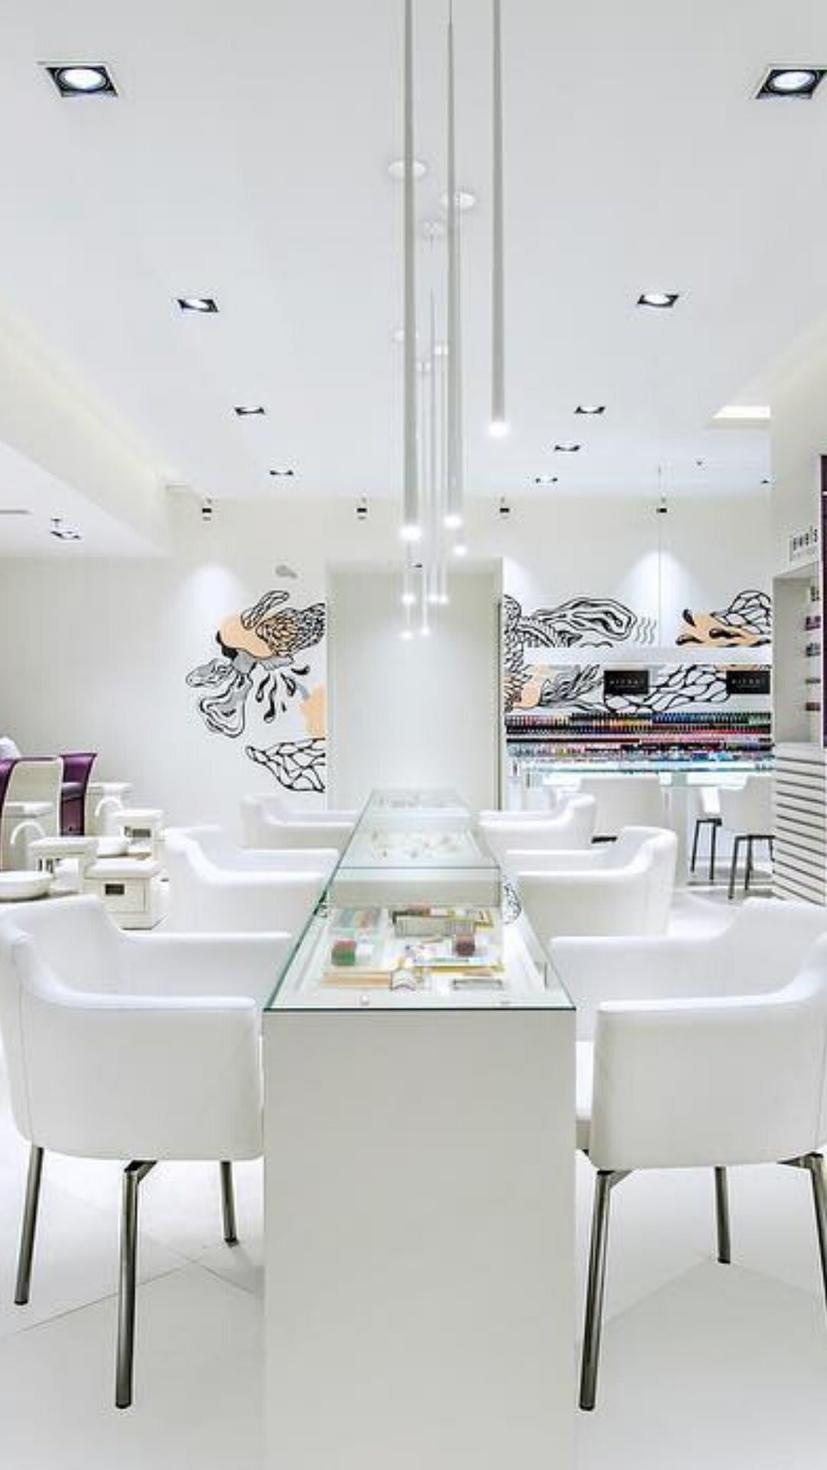 Nails, Dubai, UAE, Manicure, Pedicure, Nail Salons